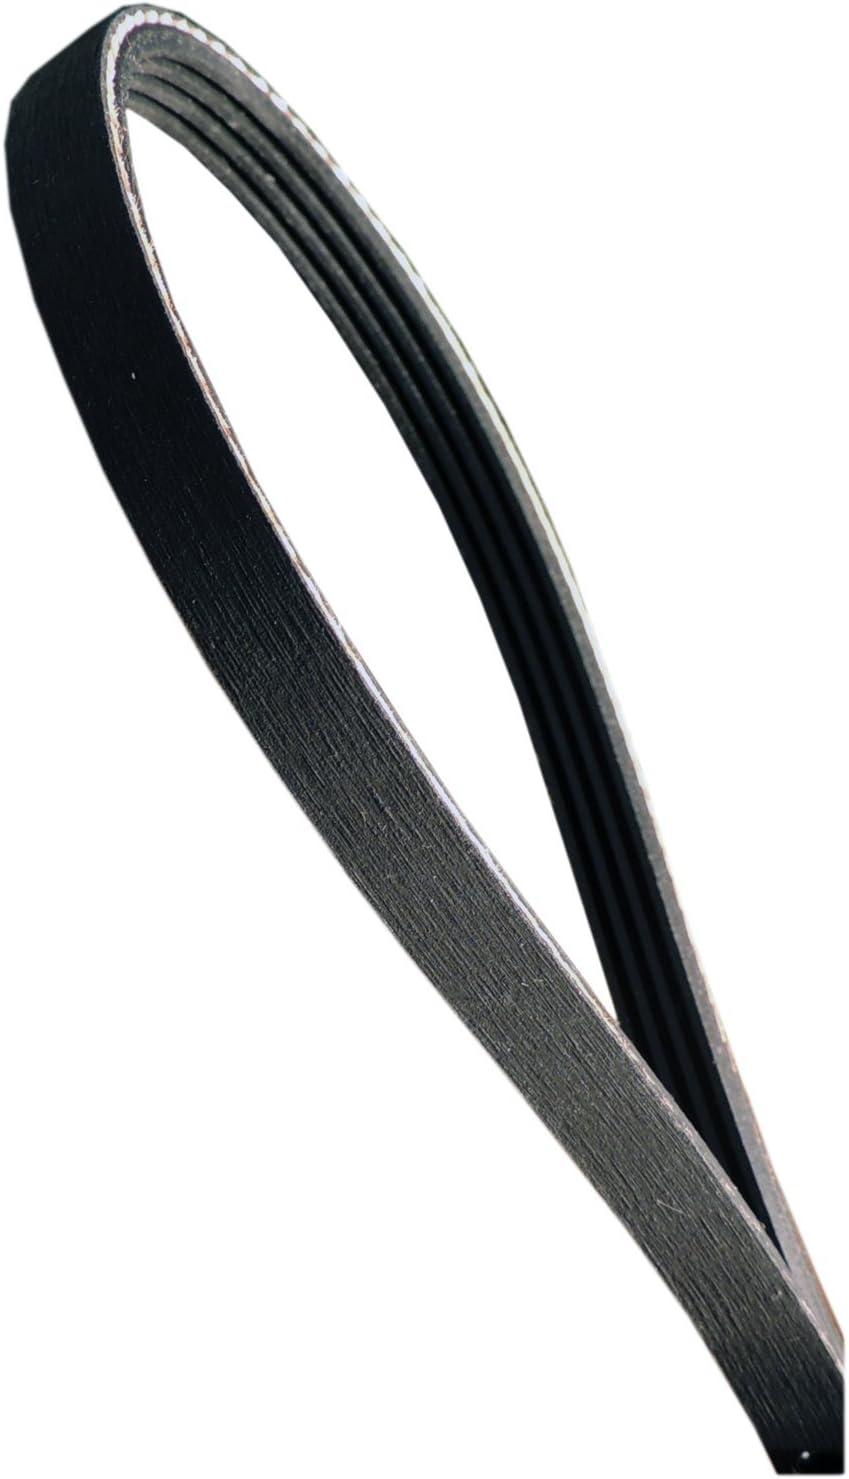 Supco LB216 Dryer Belt For GE WE12X10014, AP4379804, WE12X82, WE12X42, WE12X82P